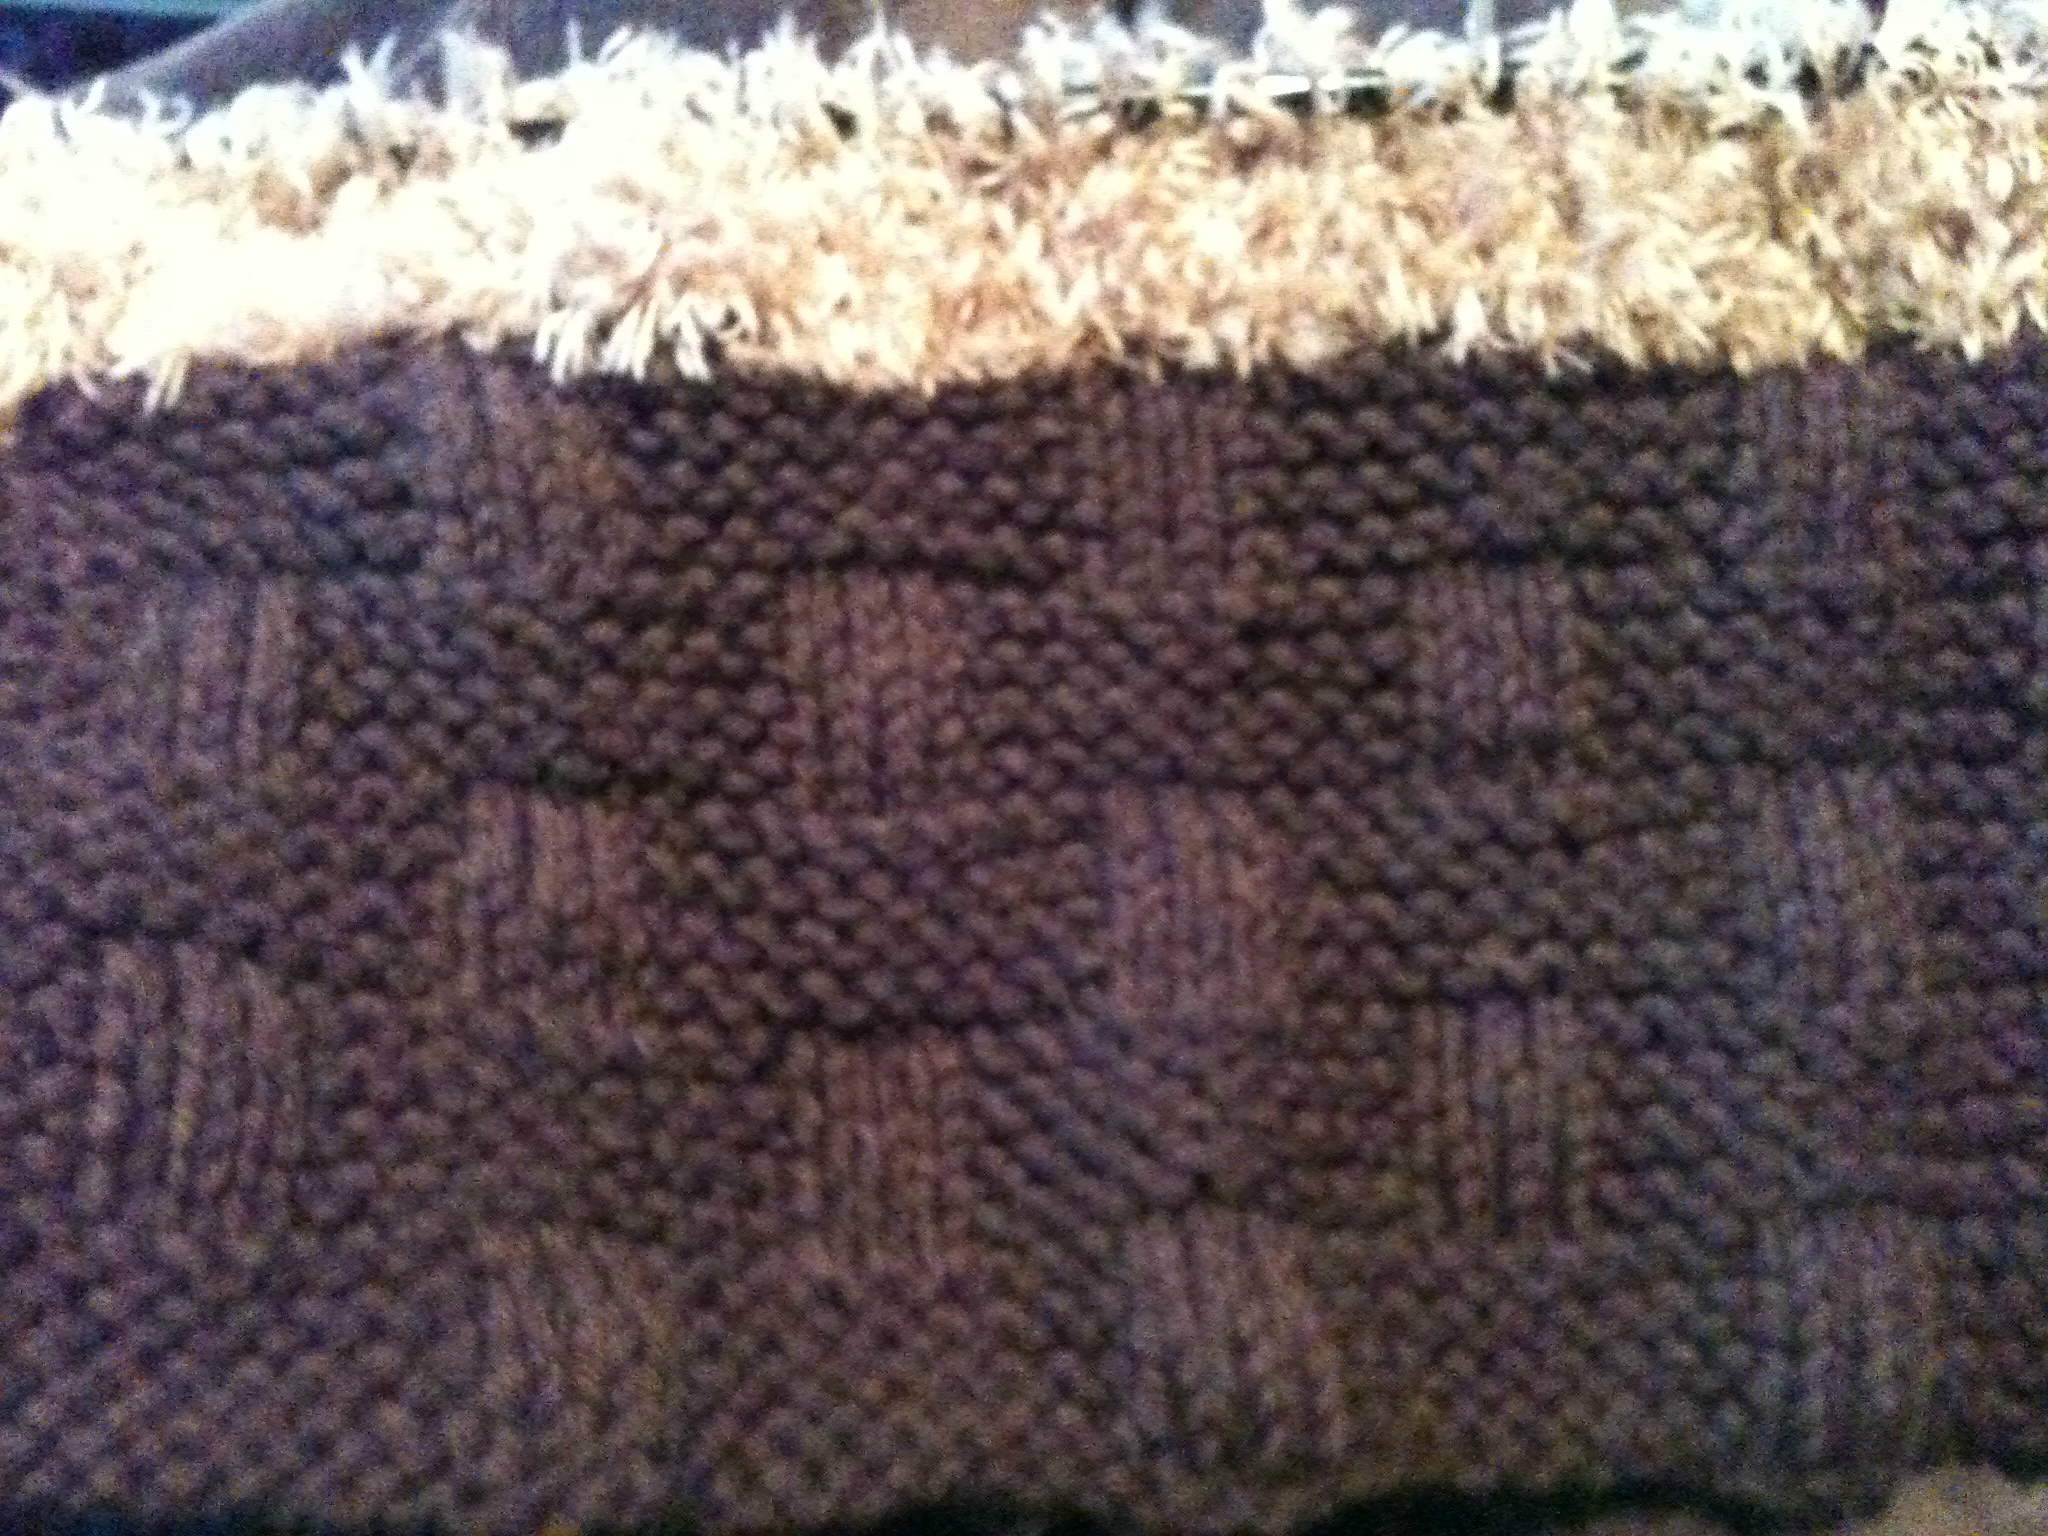 Mod le tricoter b b une couverture - Tricot avec les bras couverture ...